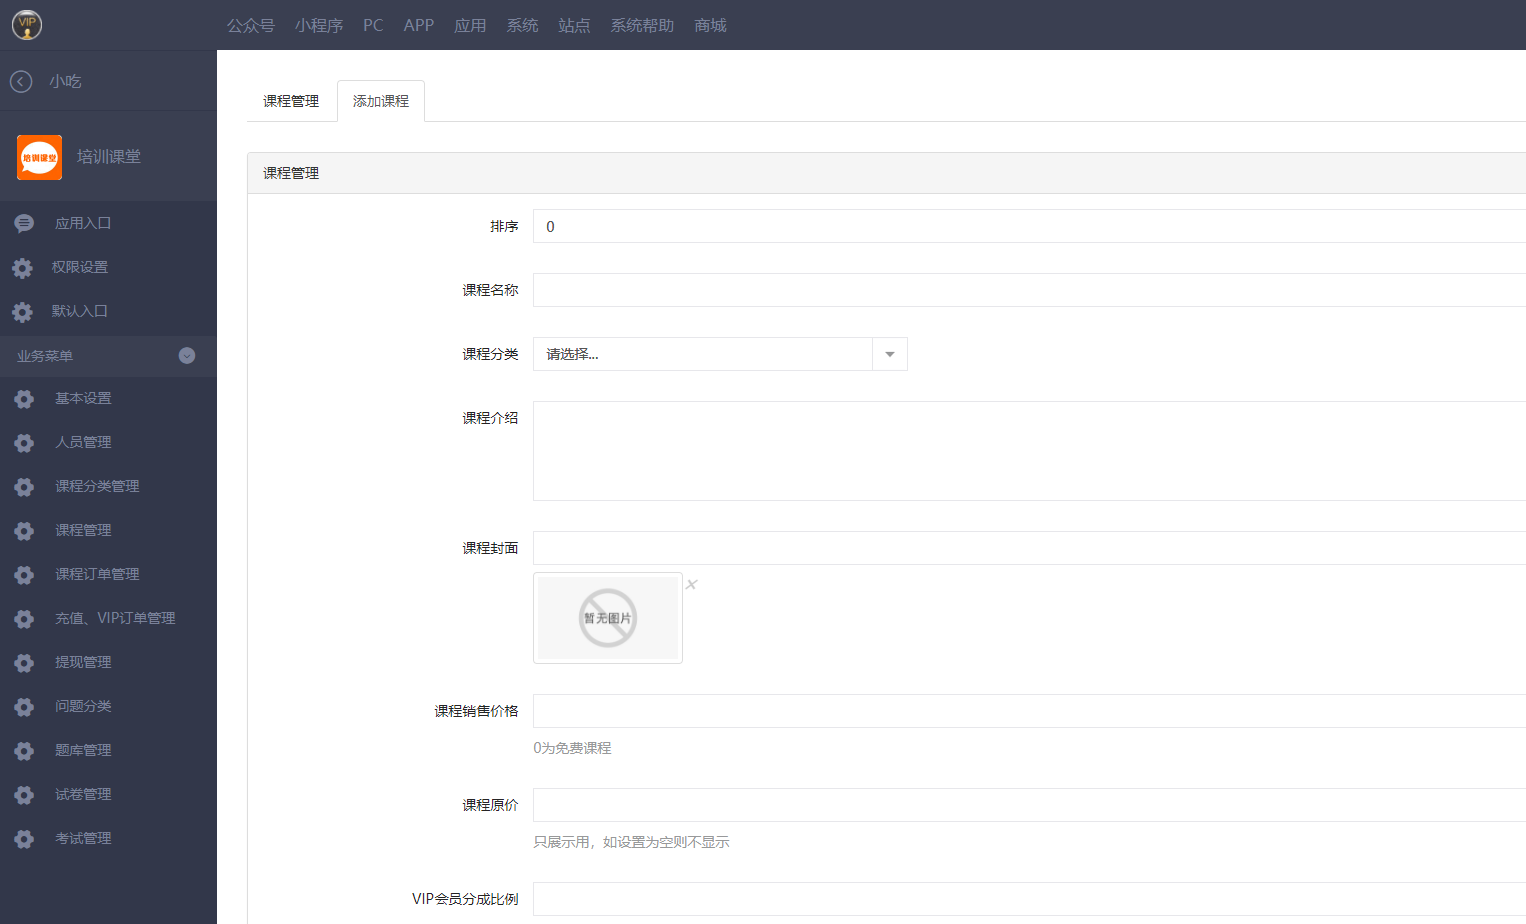 培训课堂 1.1.4开源解密版 添加了聚合短信验证-菜鸟源码资源站